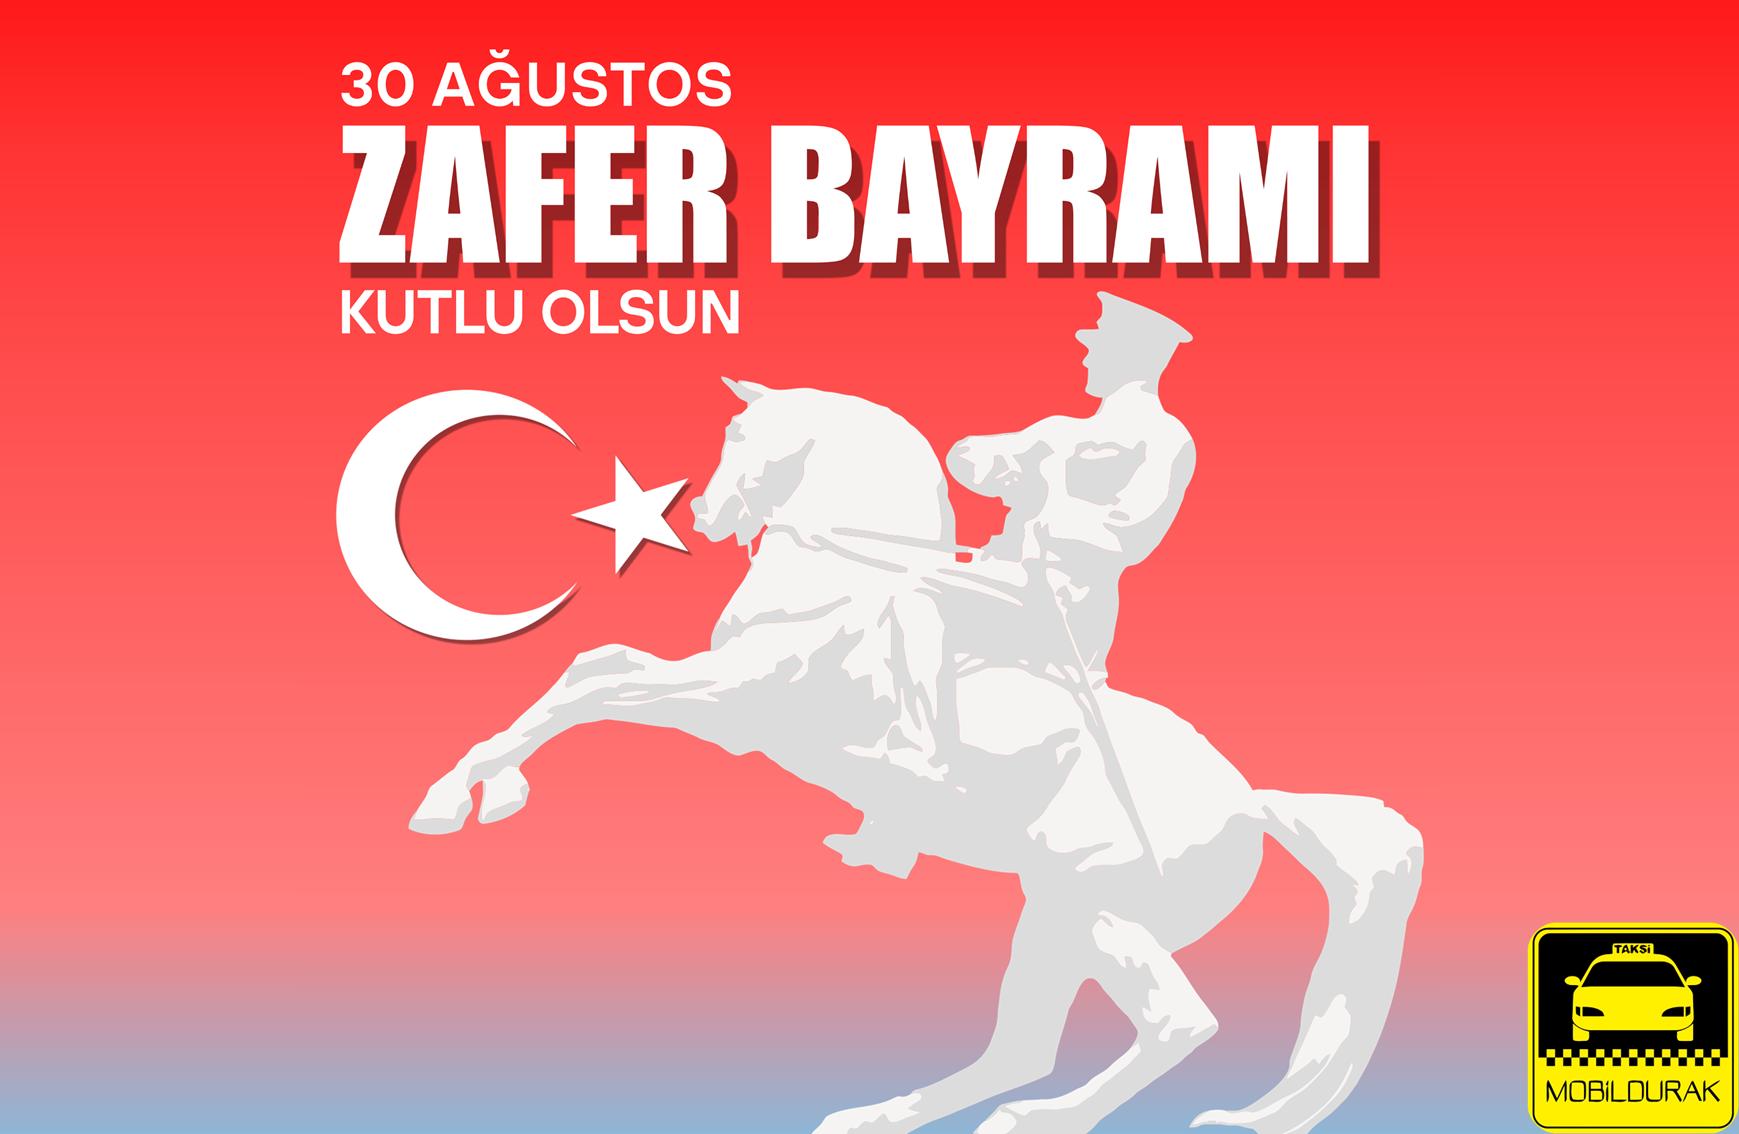 30 A�ustos;30 A�ustos Zafer Bayram�;Zafer Bayram�;Bayram;Resmi Bayram;Resmi Tatil;Gazi ve �ehitler;�ehitler;Gaziler;Kutlama;Anma